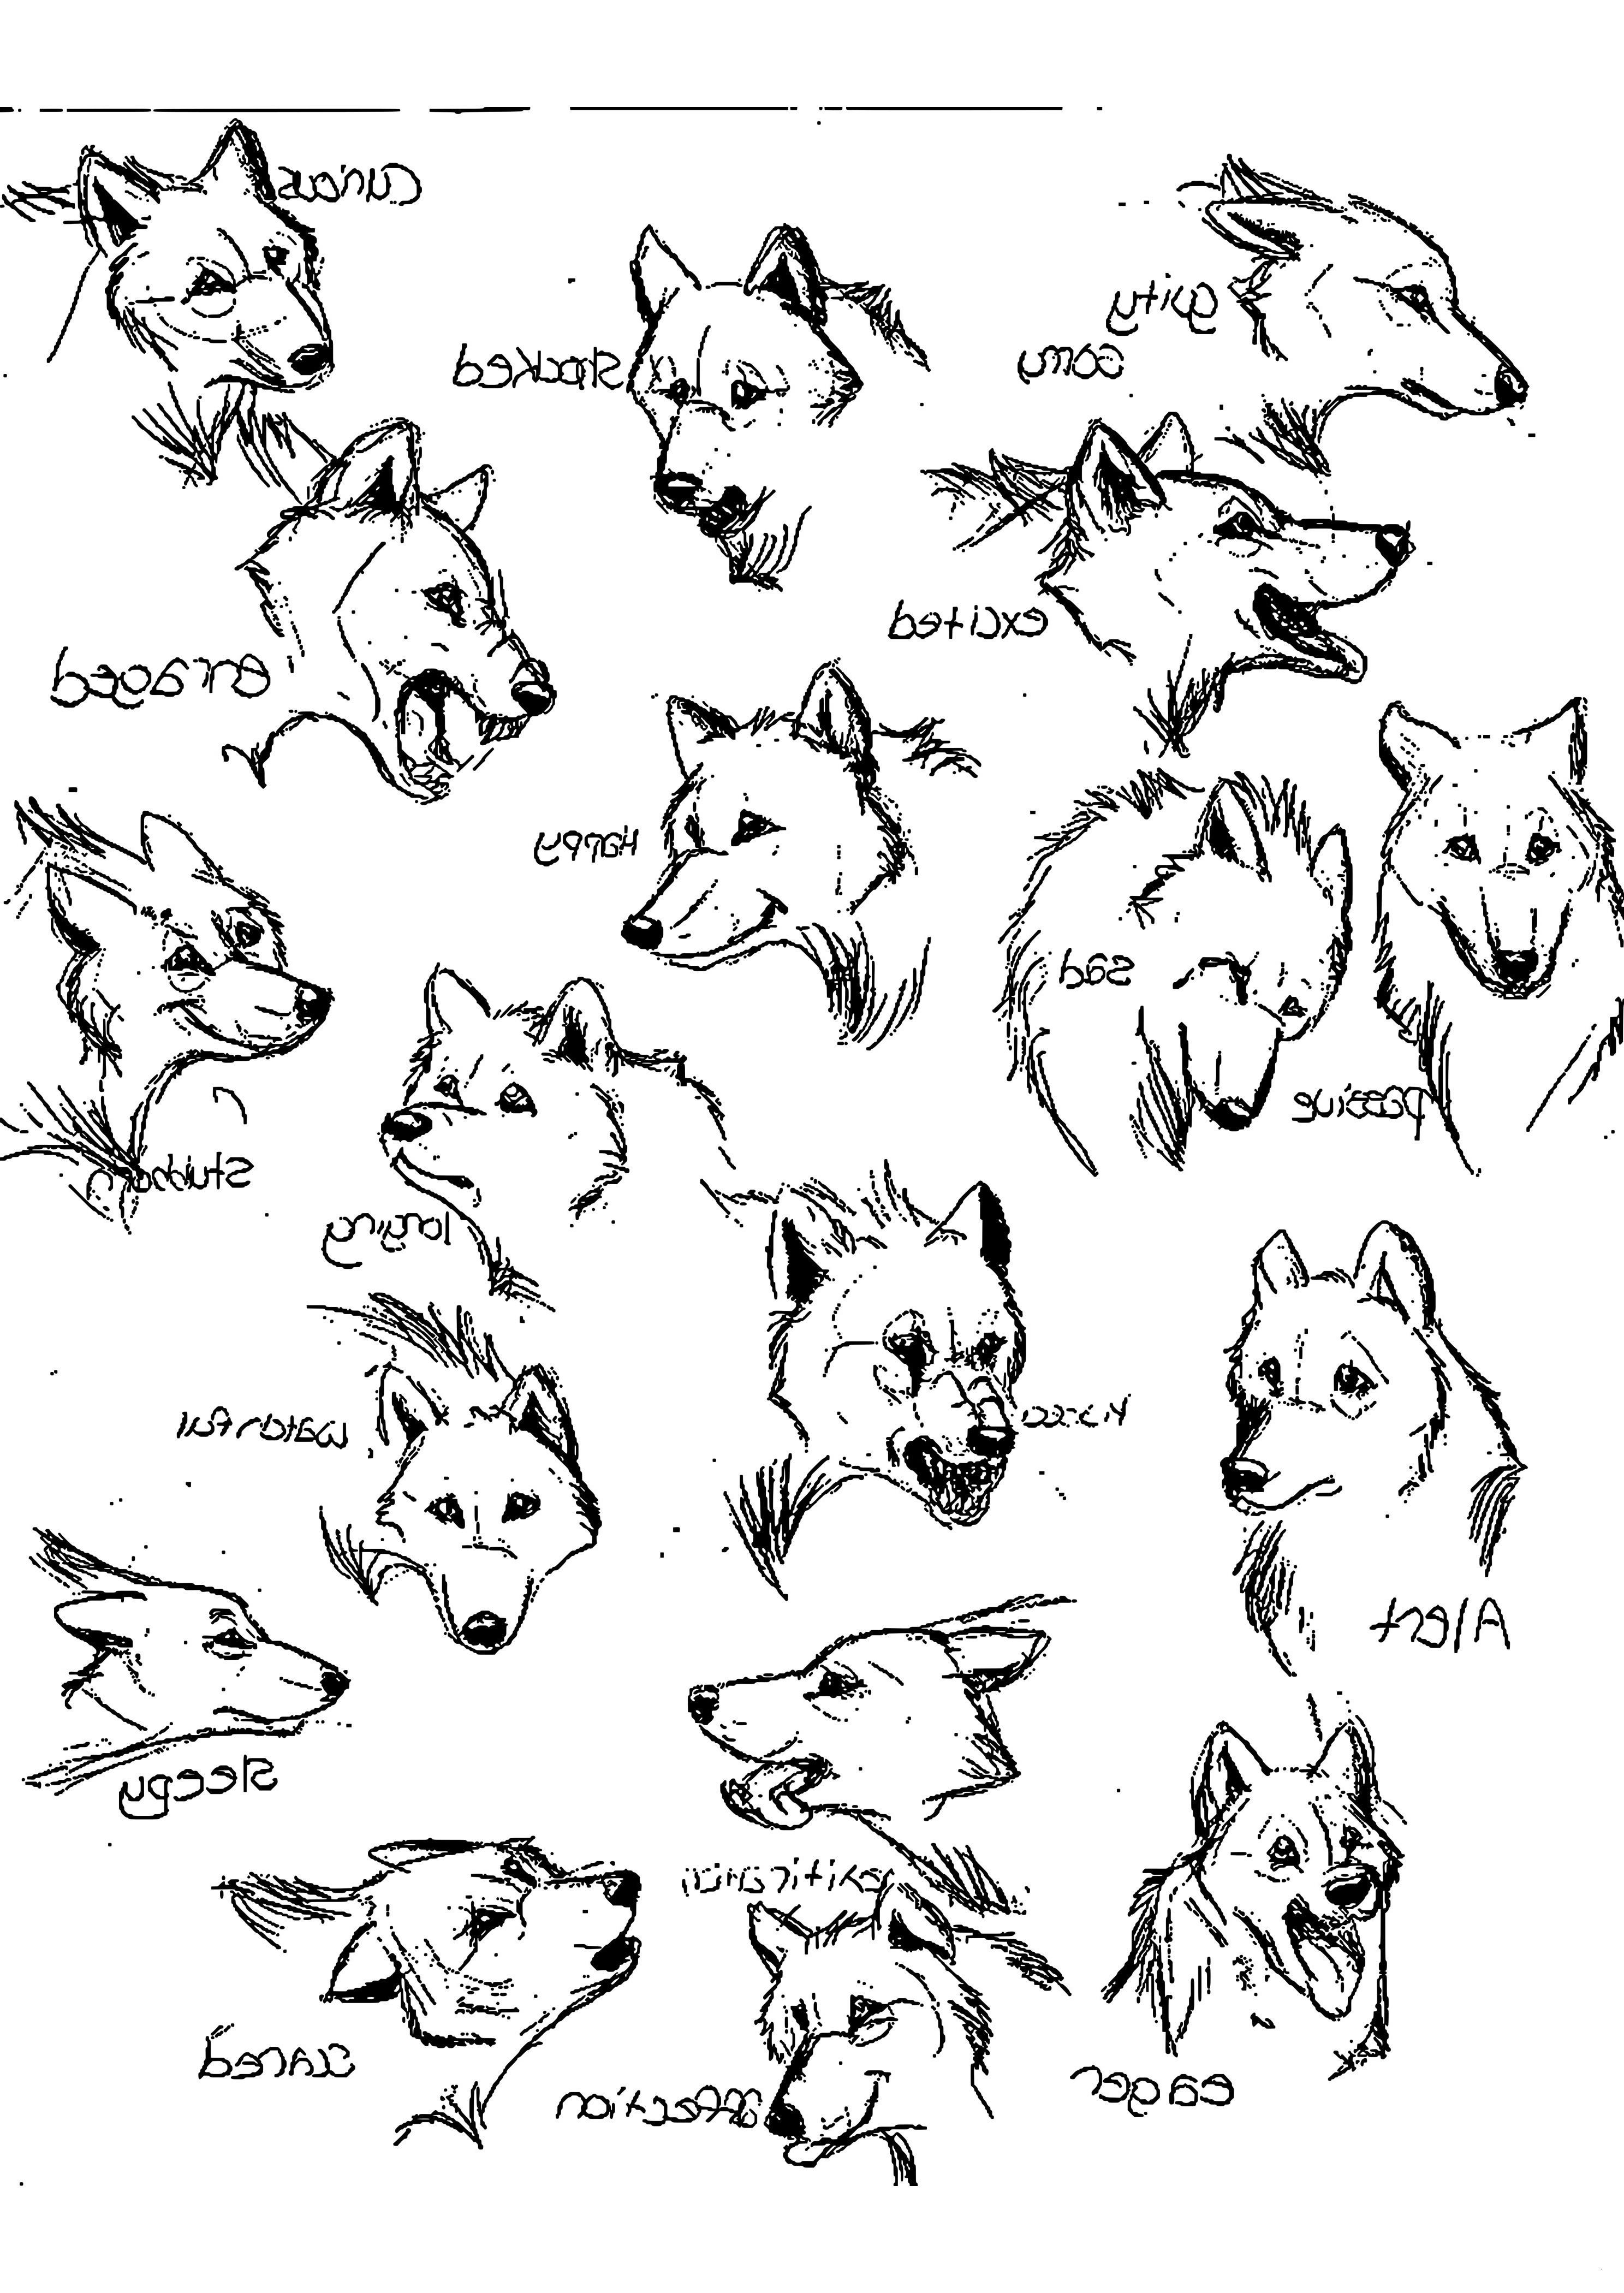 Wolf Bilder Zum Ausmalen Inspirierend 35 Fantastisch Ausmalbilder Fuchs – Malvorlagen Ideen Das Bild